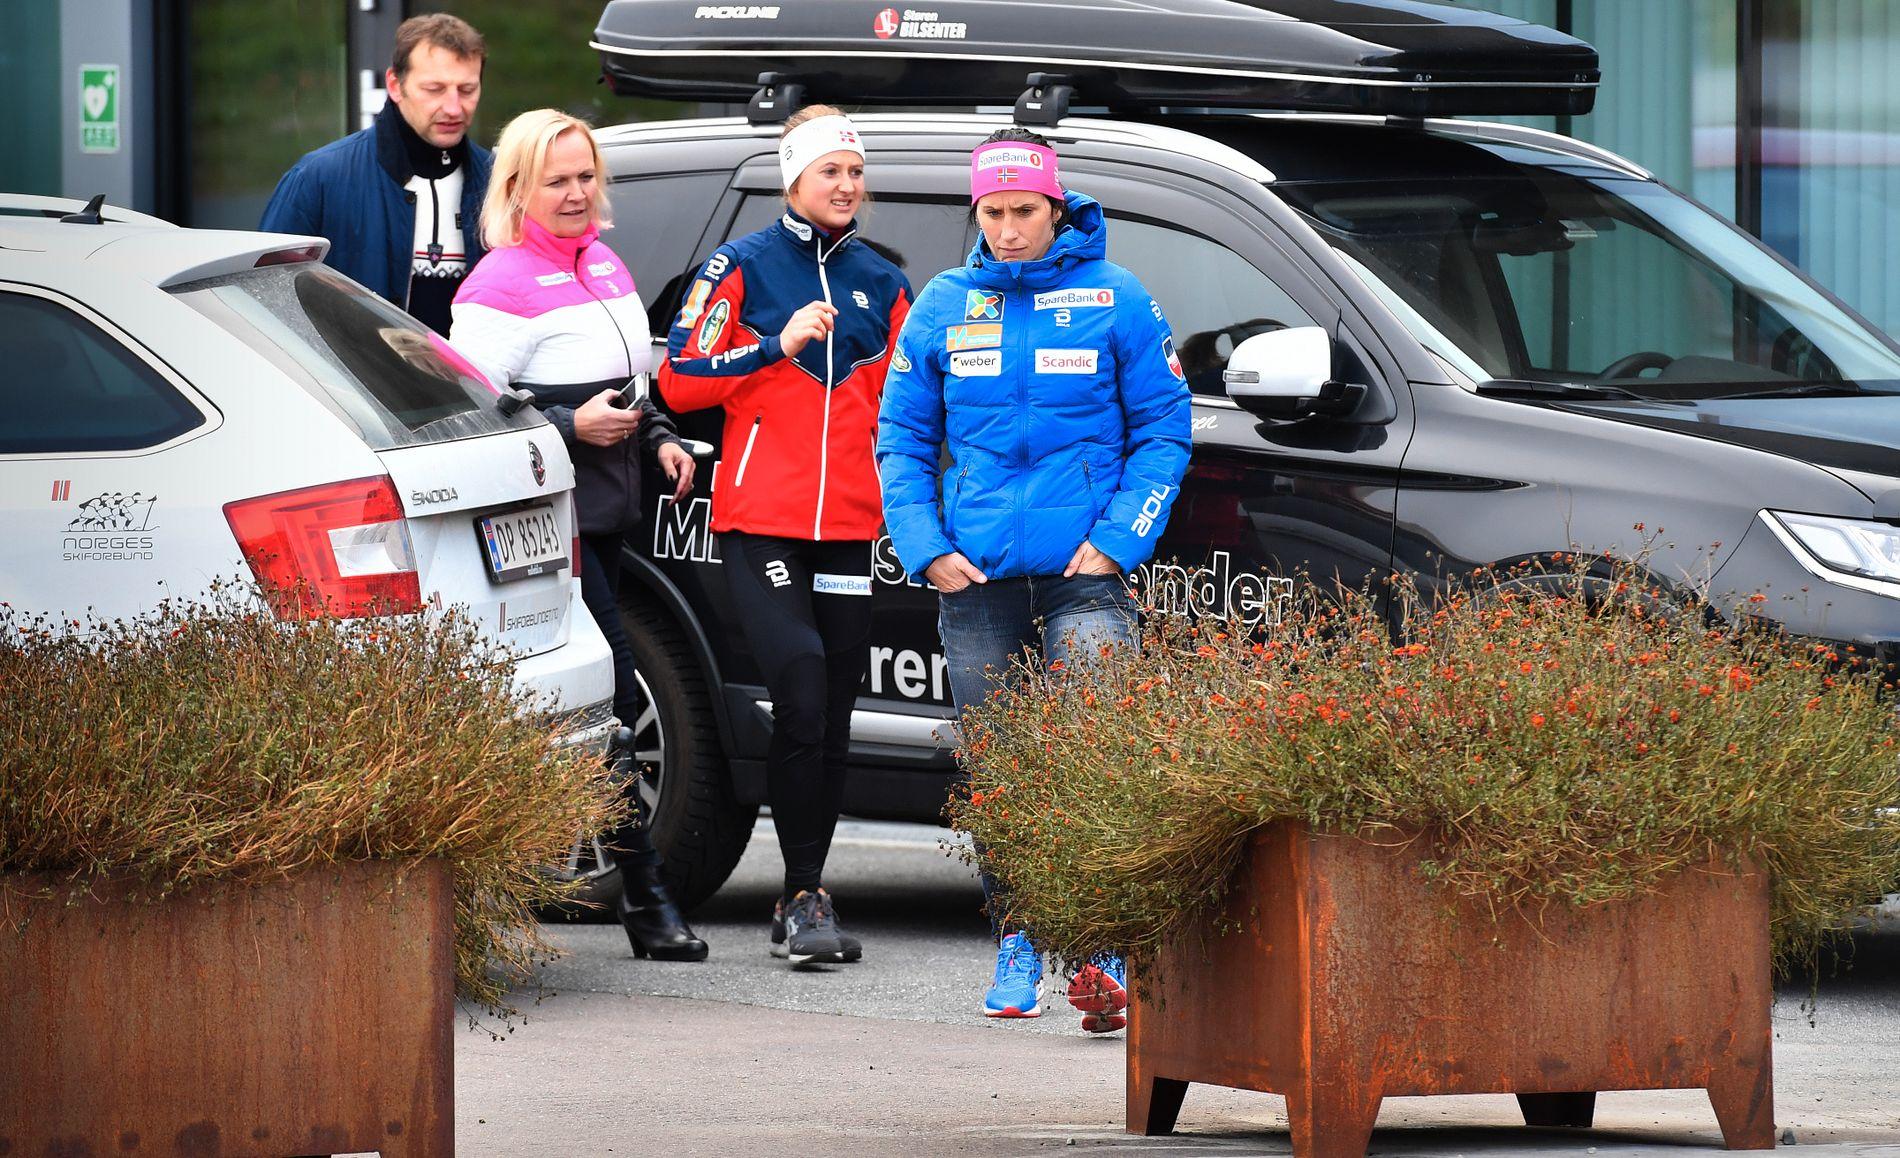 PÅ VEI TIL PRESSETREFF: Gro Eide (t.v.) er medie for landslagsløperne i langrenn. Her er hun fotografert på vei til et pressemøte i Holmenkollen forrige uke med Ingvild Flugstad Østberg og Marit Bjørgen (t.h.). Tema var dopingsaken mot Therese Johaug. Tommy Herland i skiforbundet var også med.